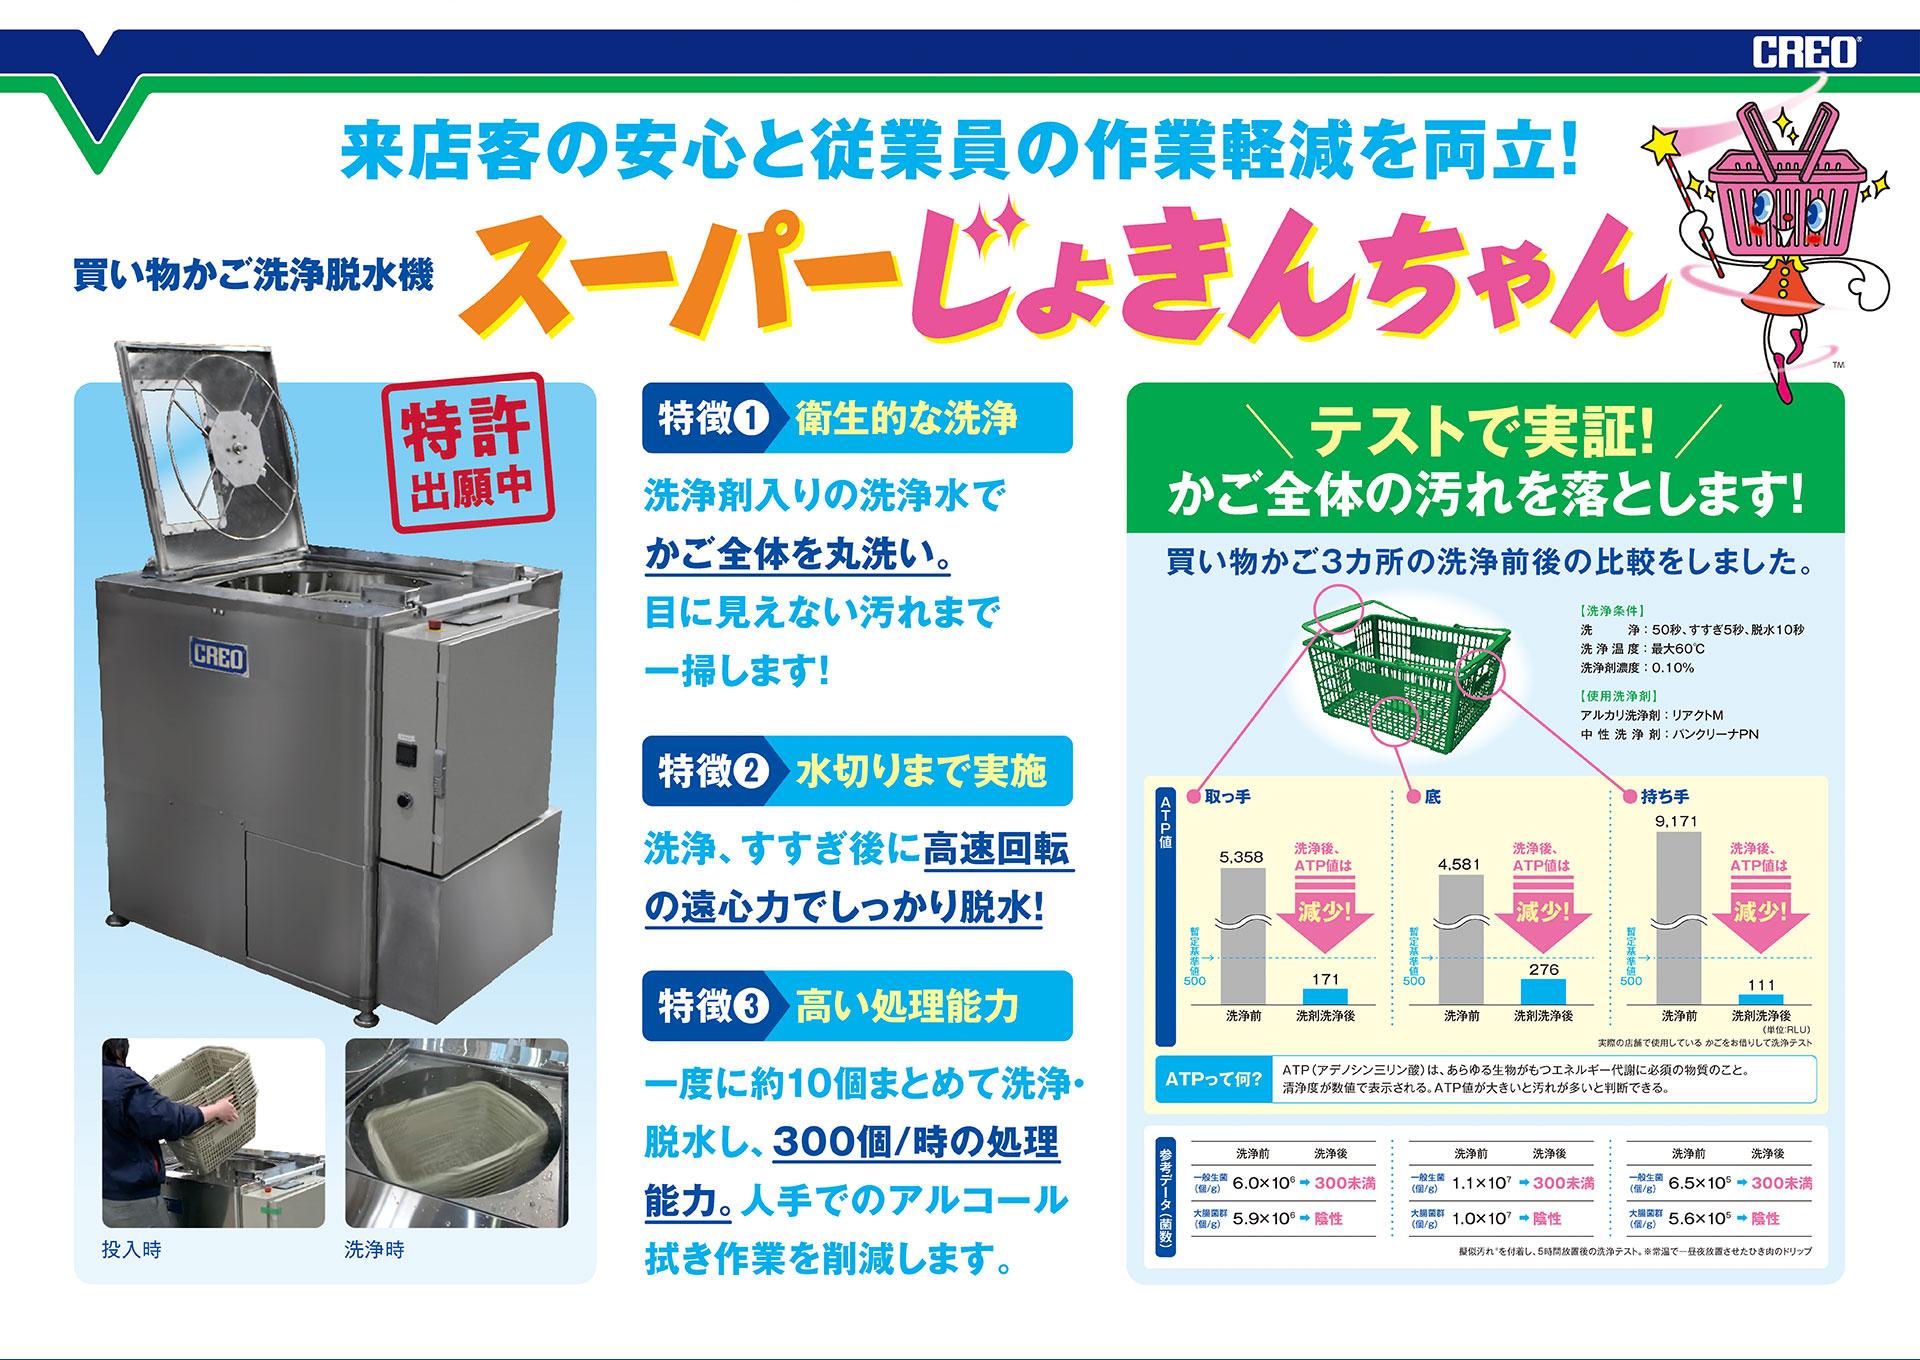 来店客の安心と、従業員の作業軽減を両立!「買い物かご洗浄脱水機 スーパーじょきんちゃん」